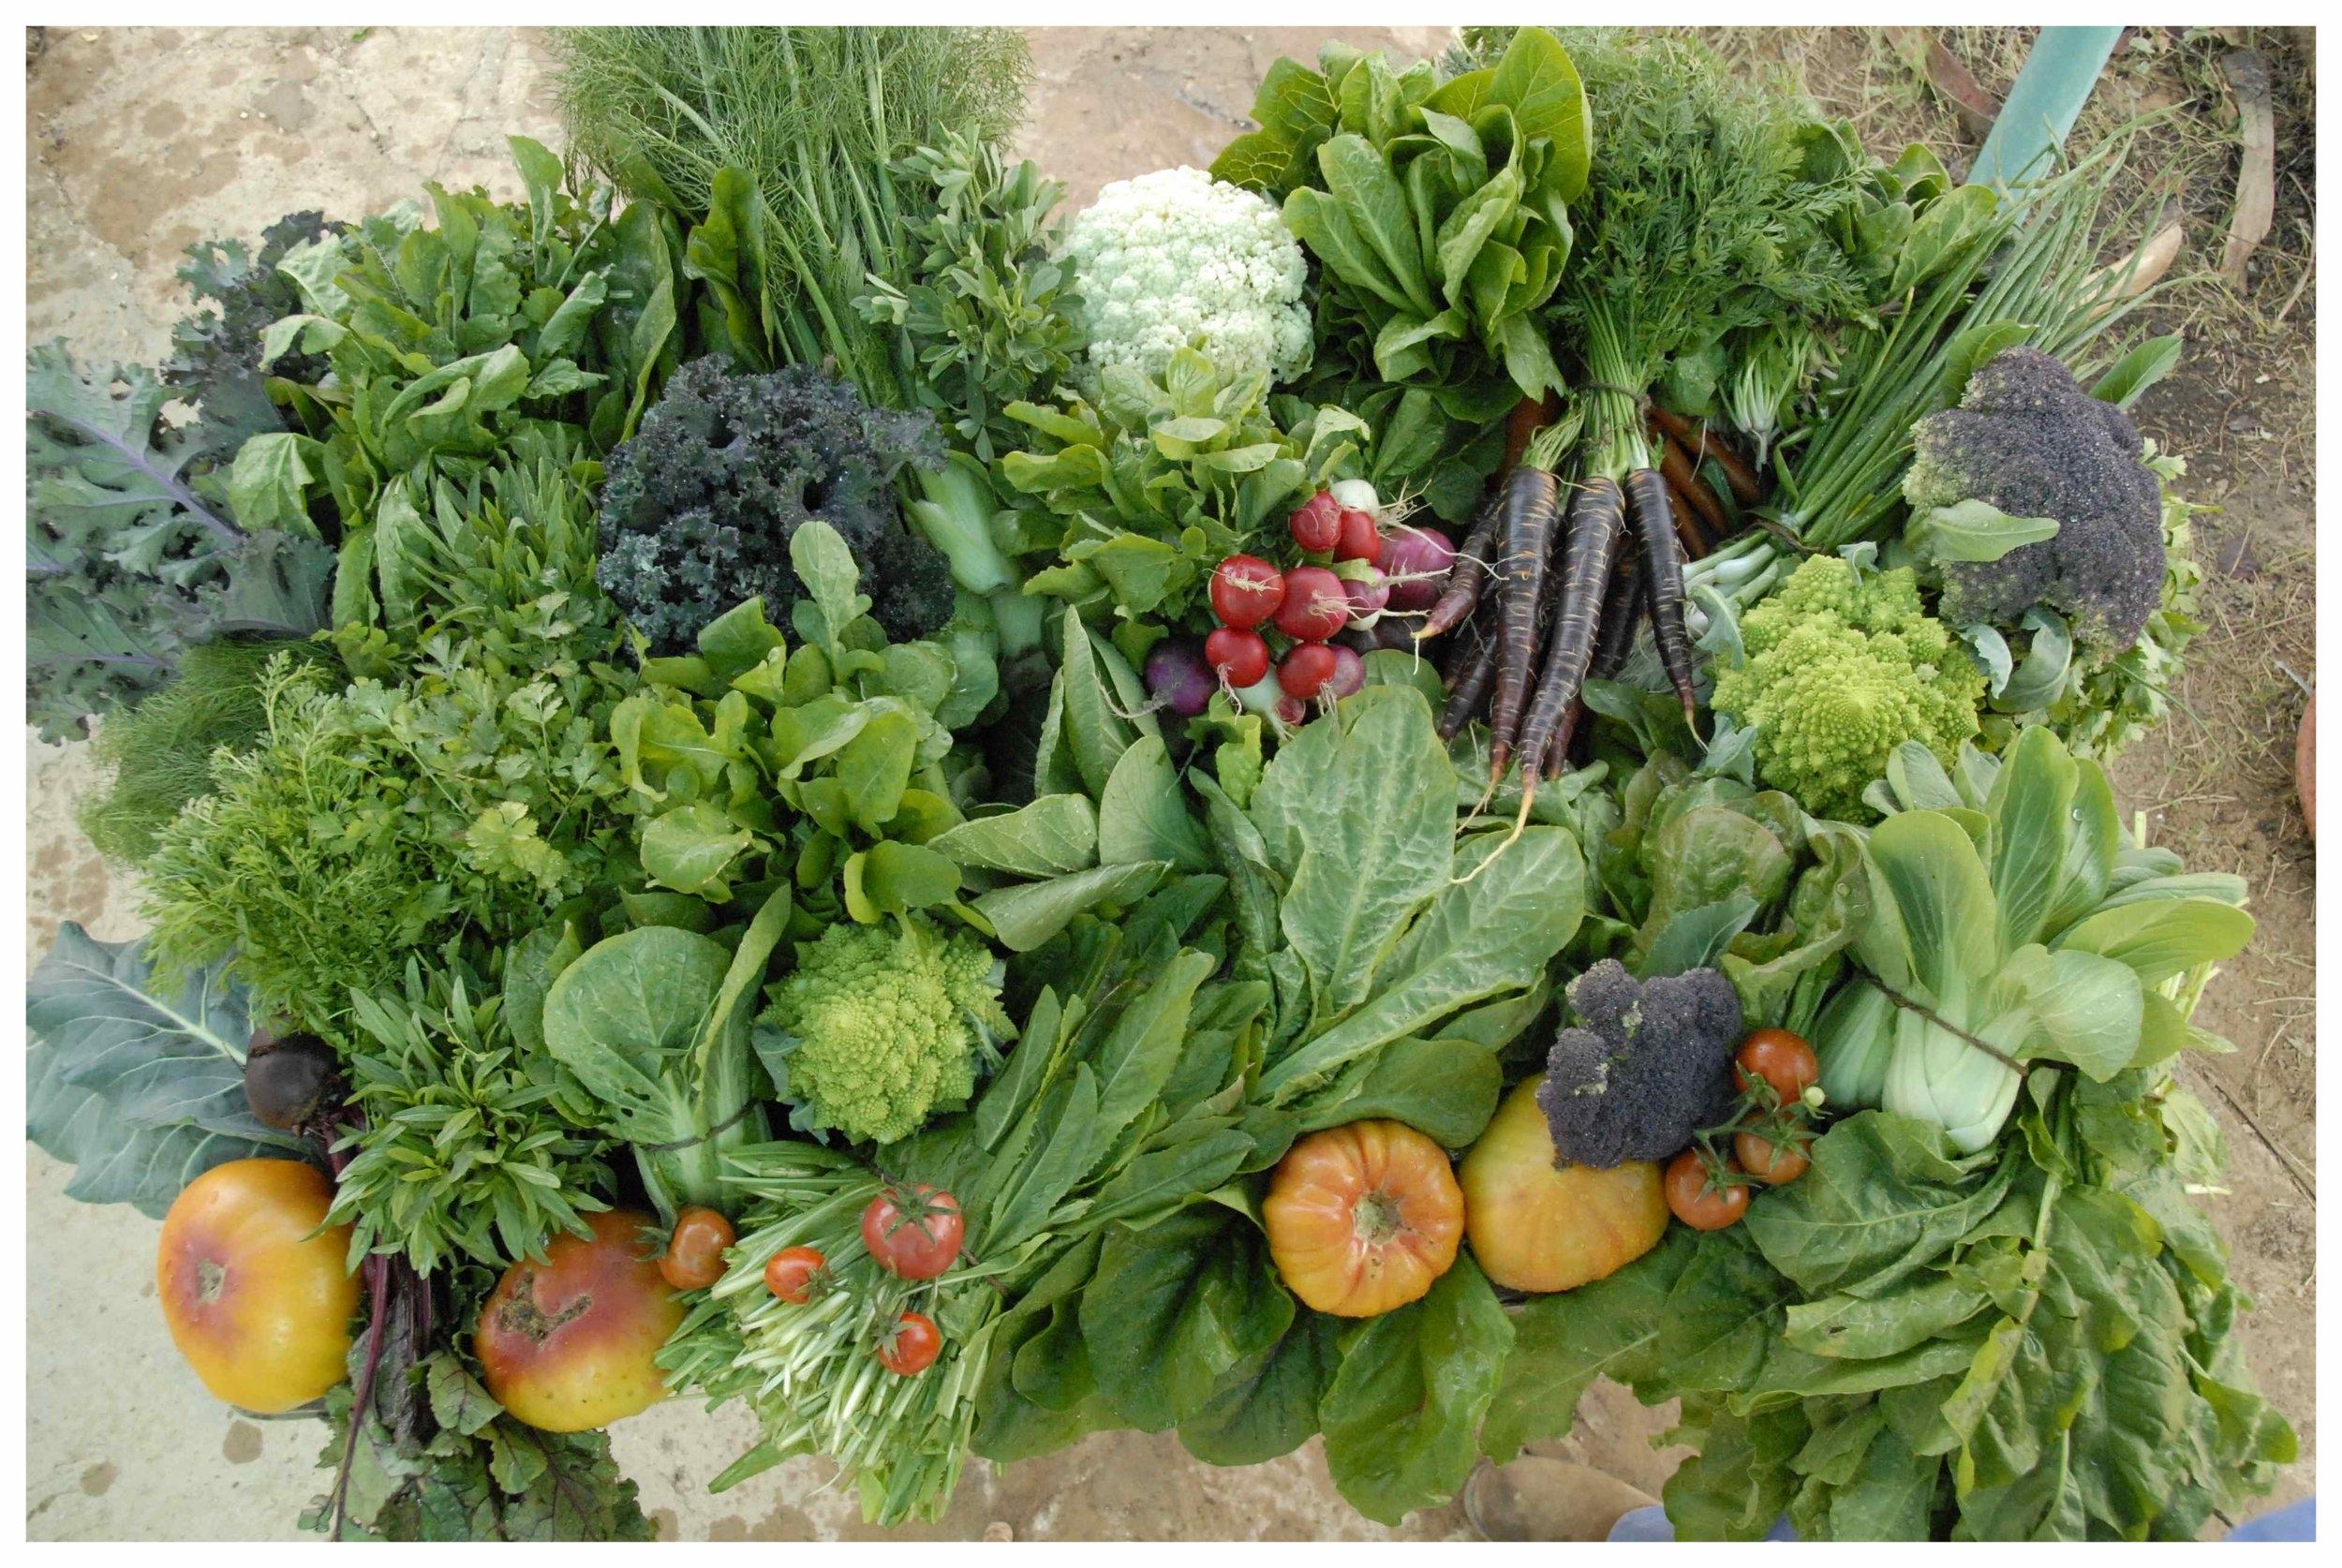 SAorganic veg.1.jpg